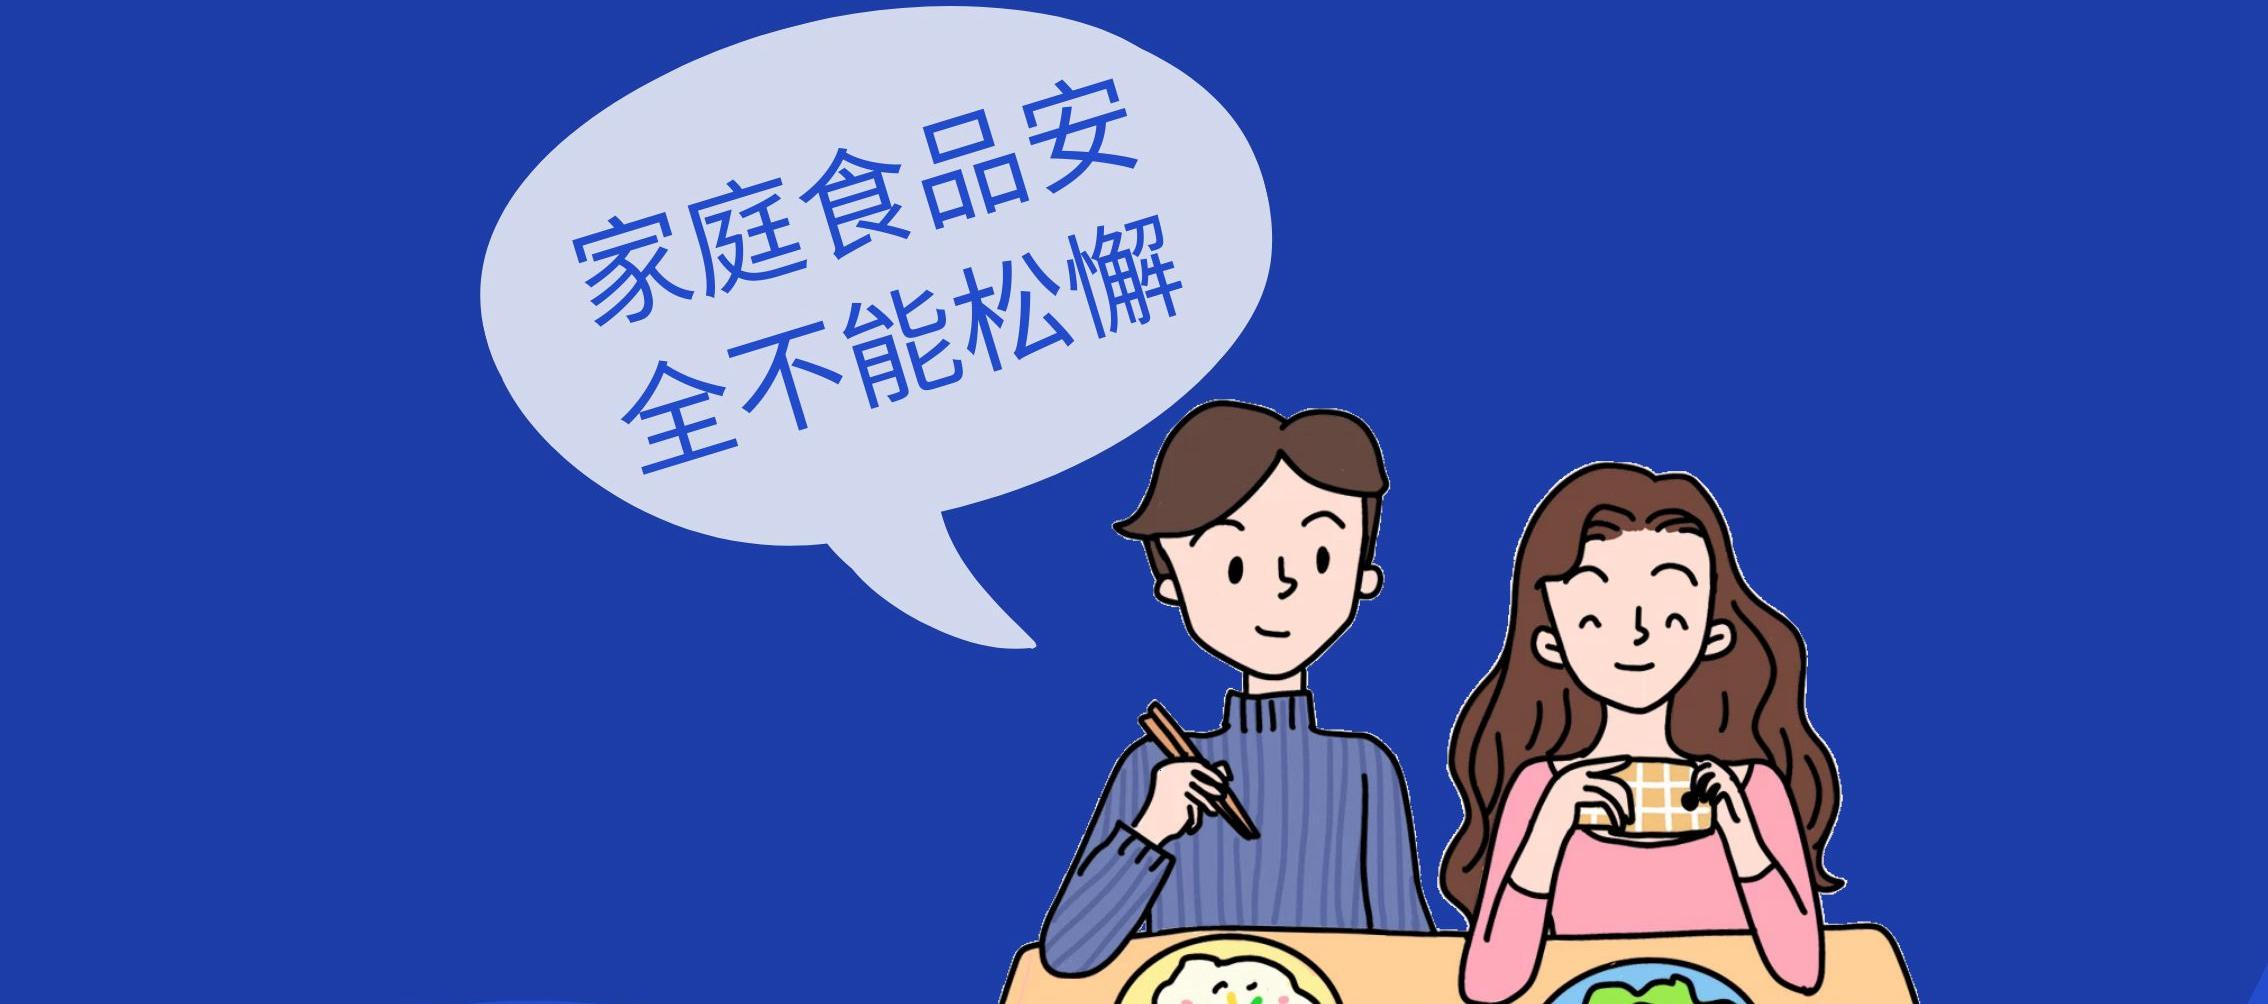 疫情期间 如何确保家庭食品安全